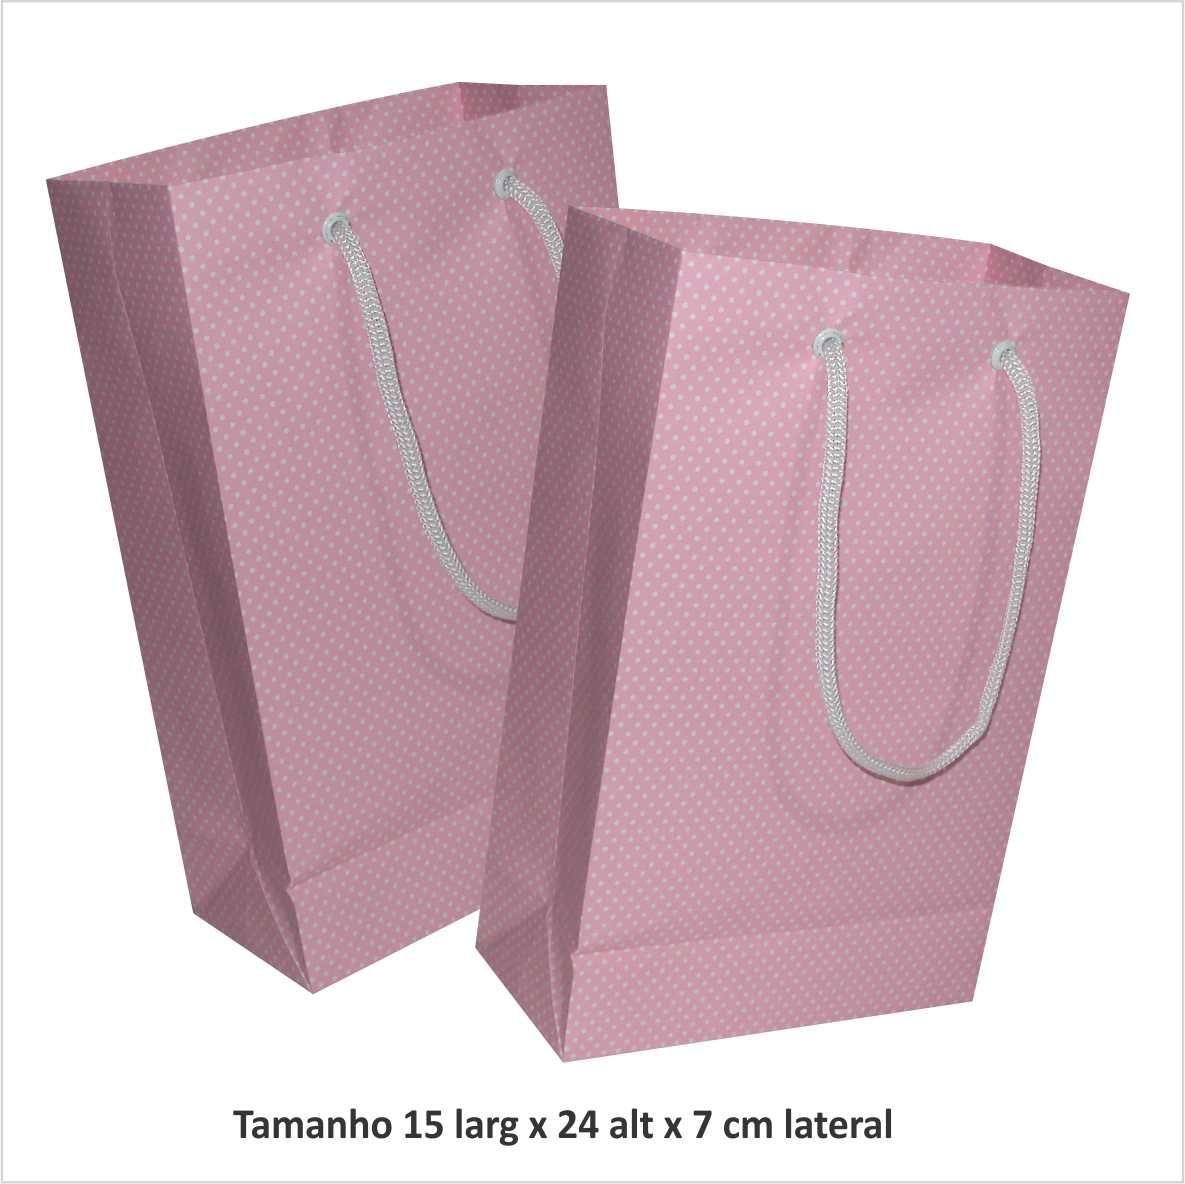 Sacola de papel  (15x24x7 cm) rosa de bolinha branca - 10 unidades